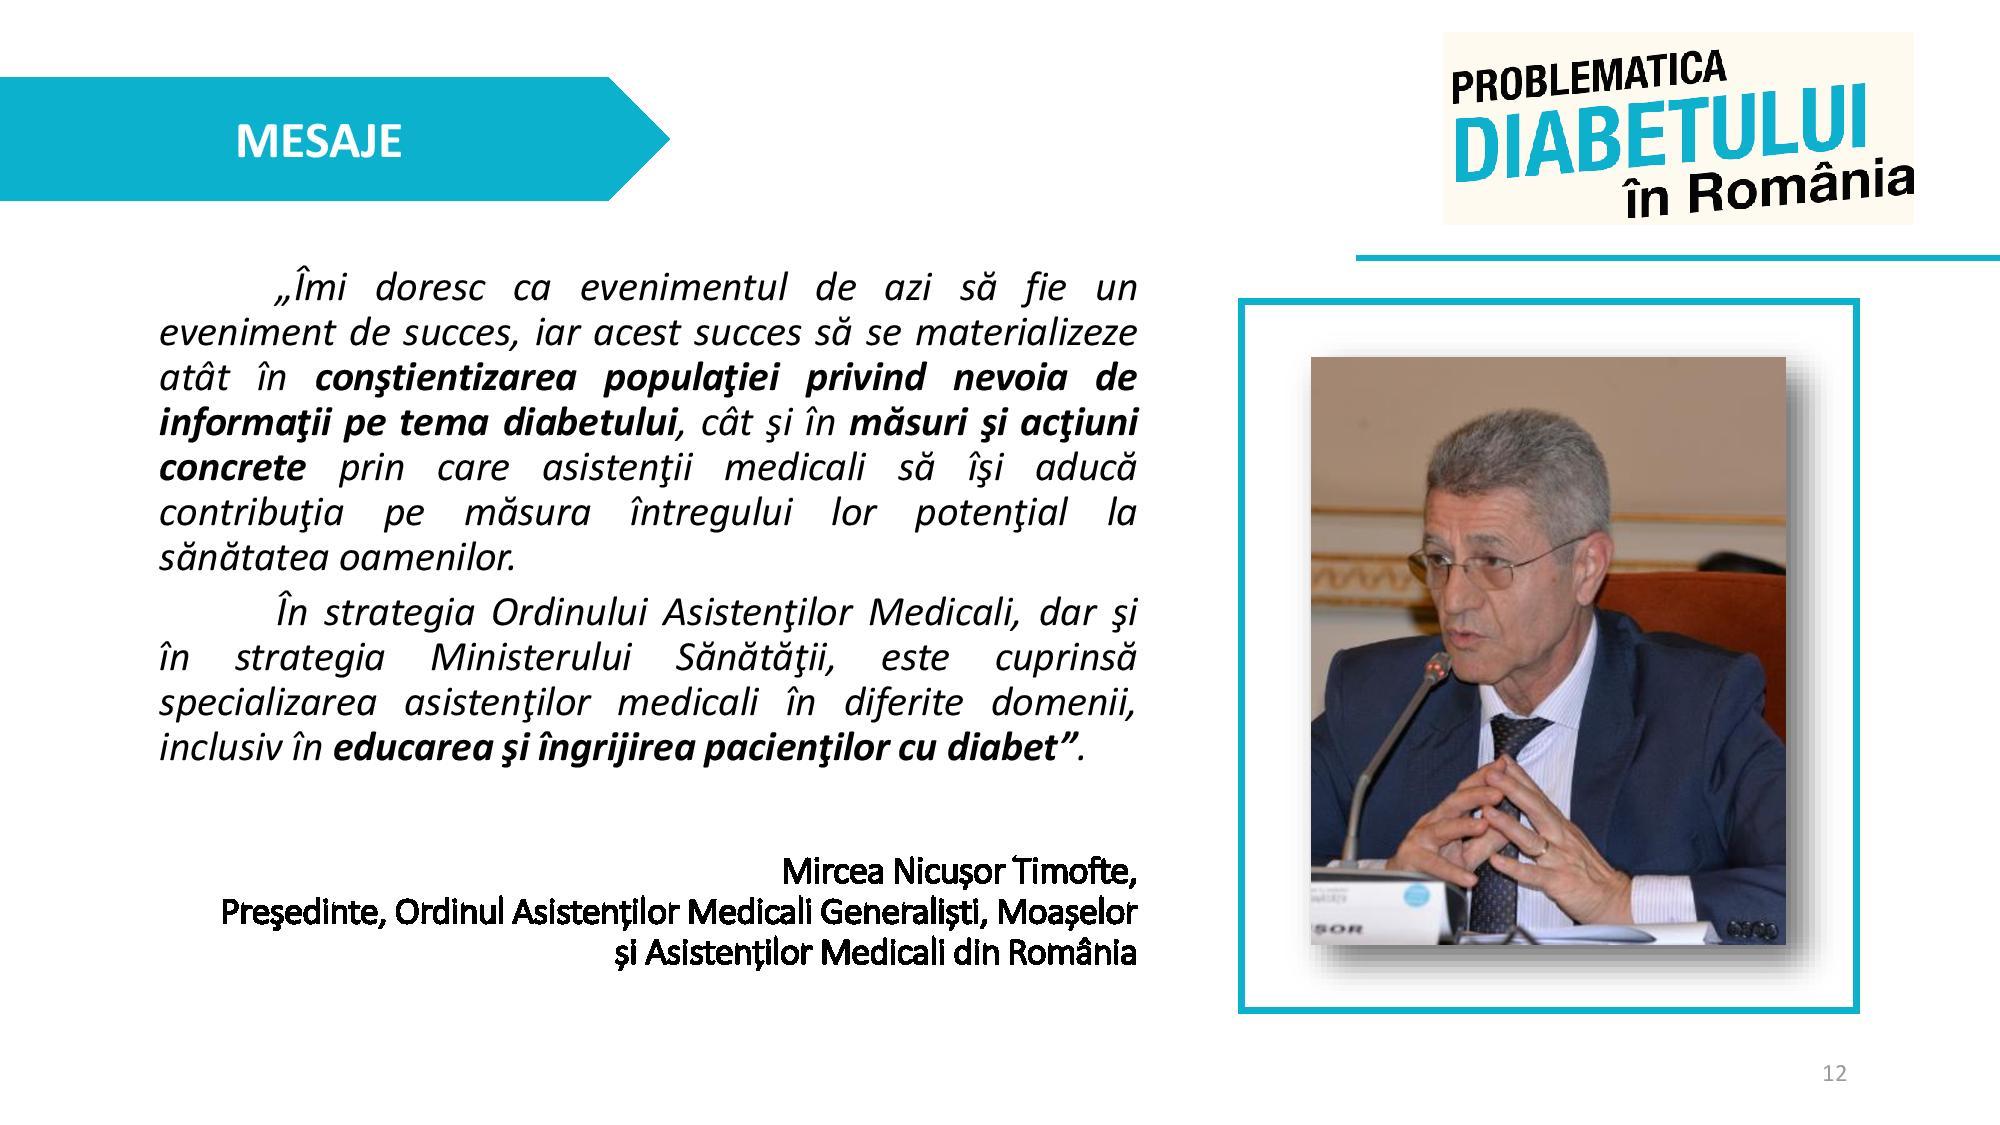 Problematica Diabetului in Romania 2016-page-012